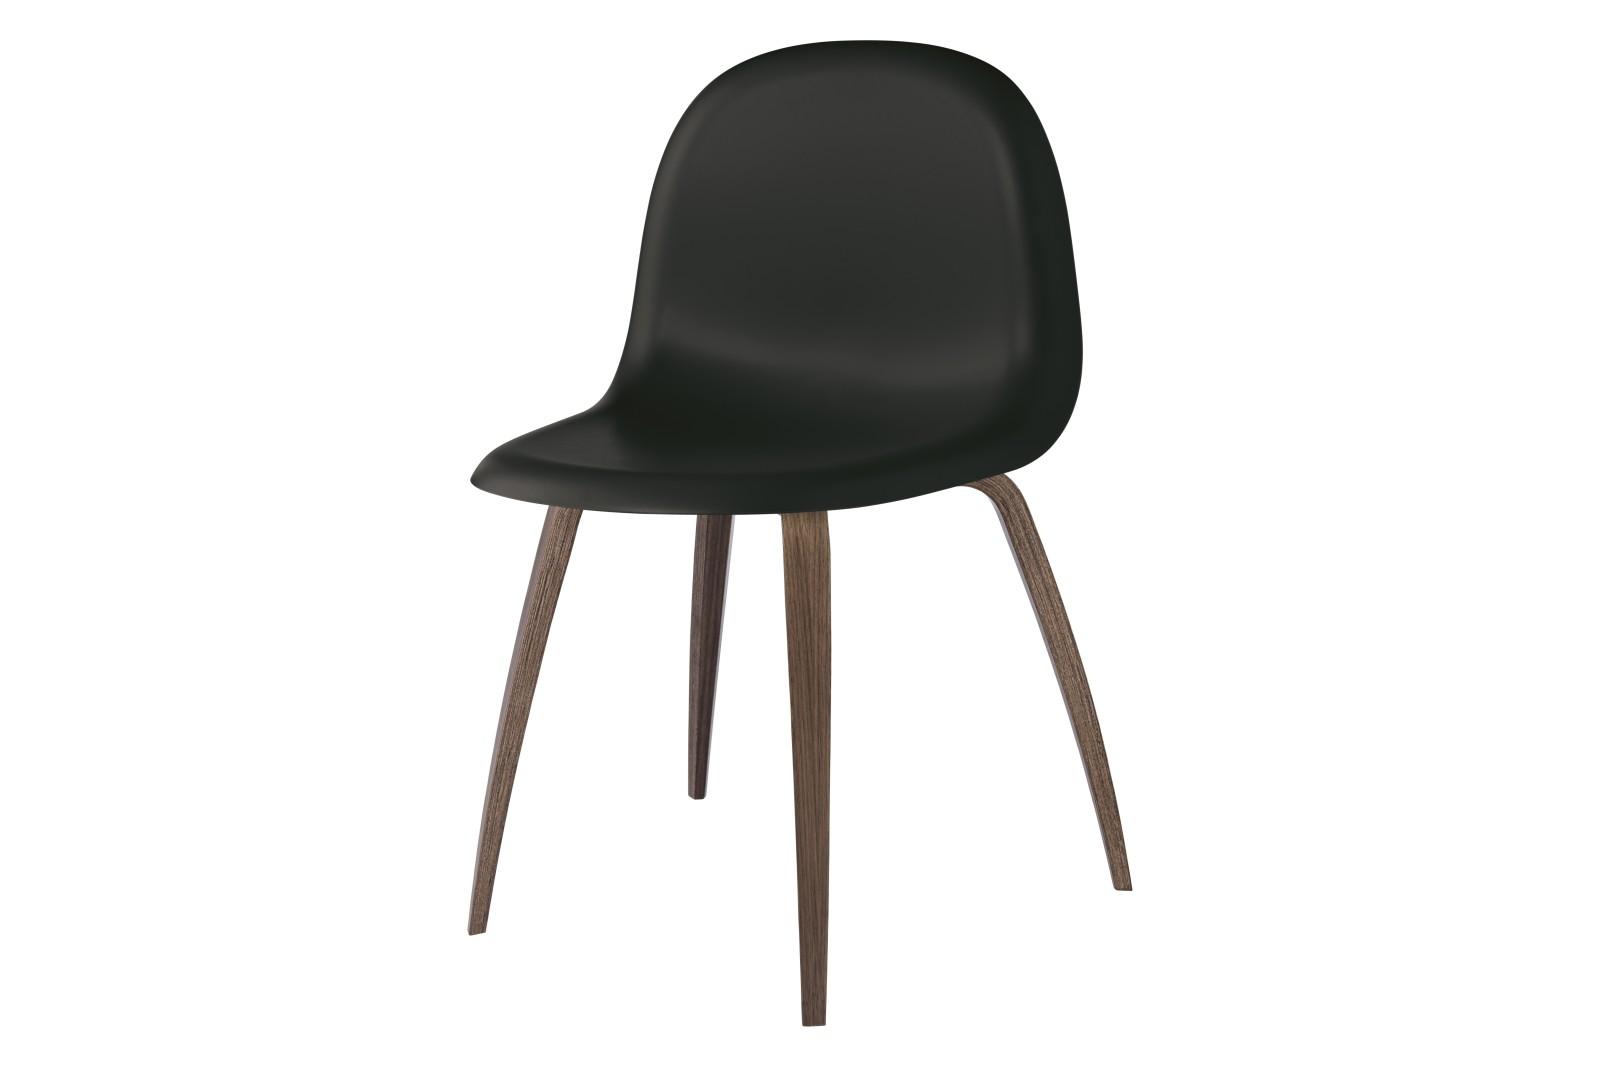 Gubi 3D Wood Base Dining Chair - Unupholstered Gubi HiRek Black, Gubi Wood American Walnut